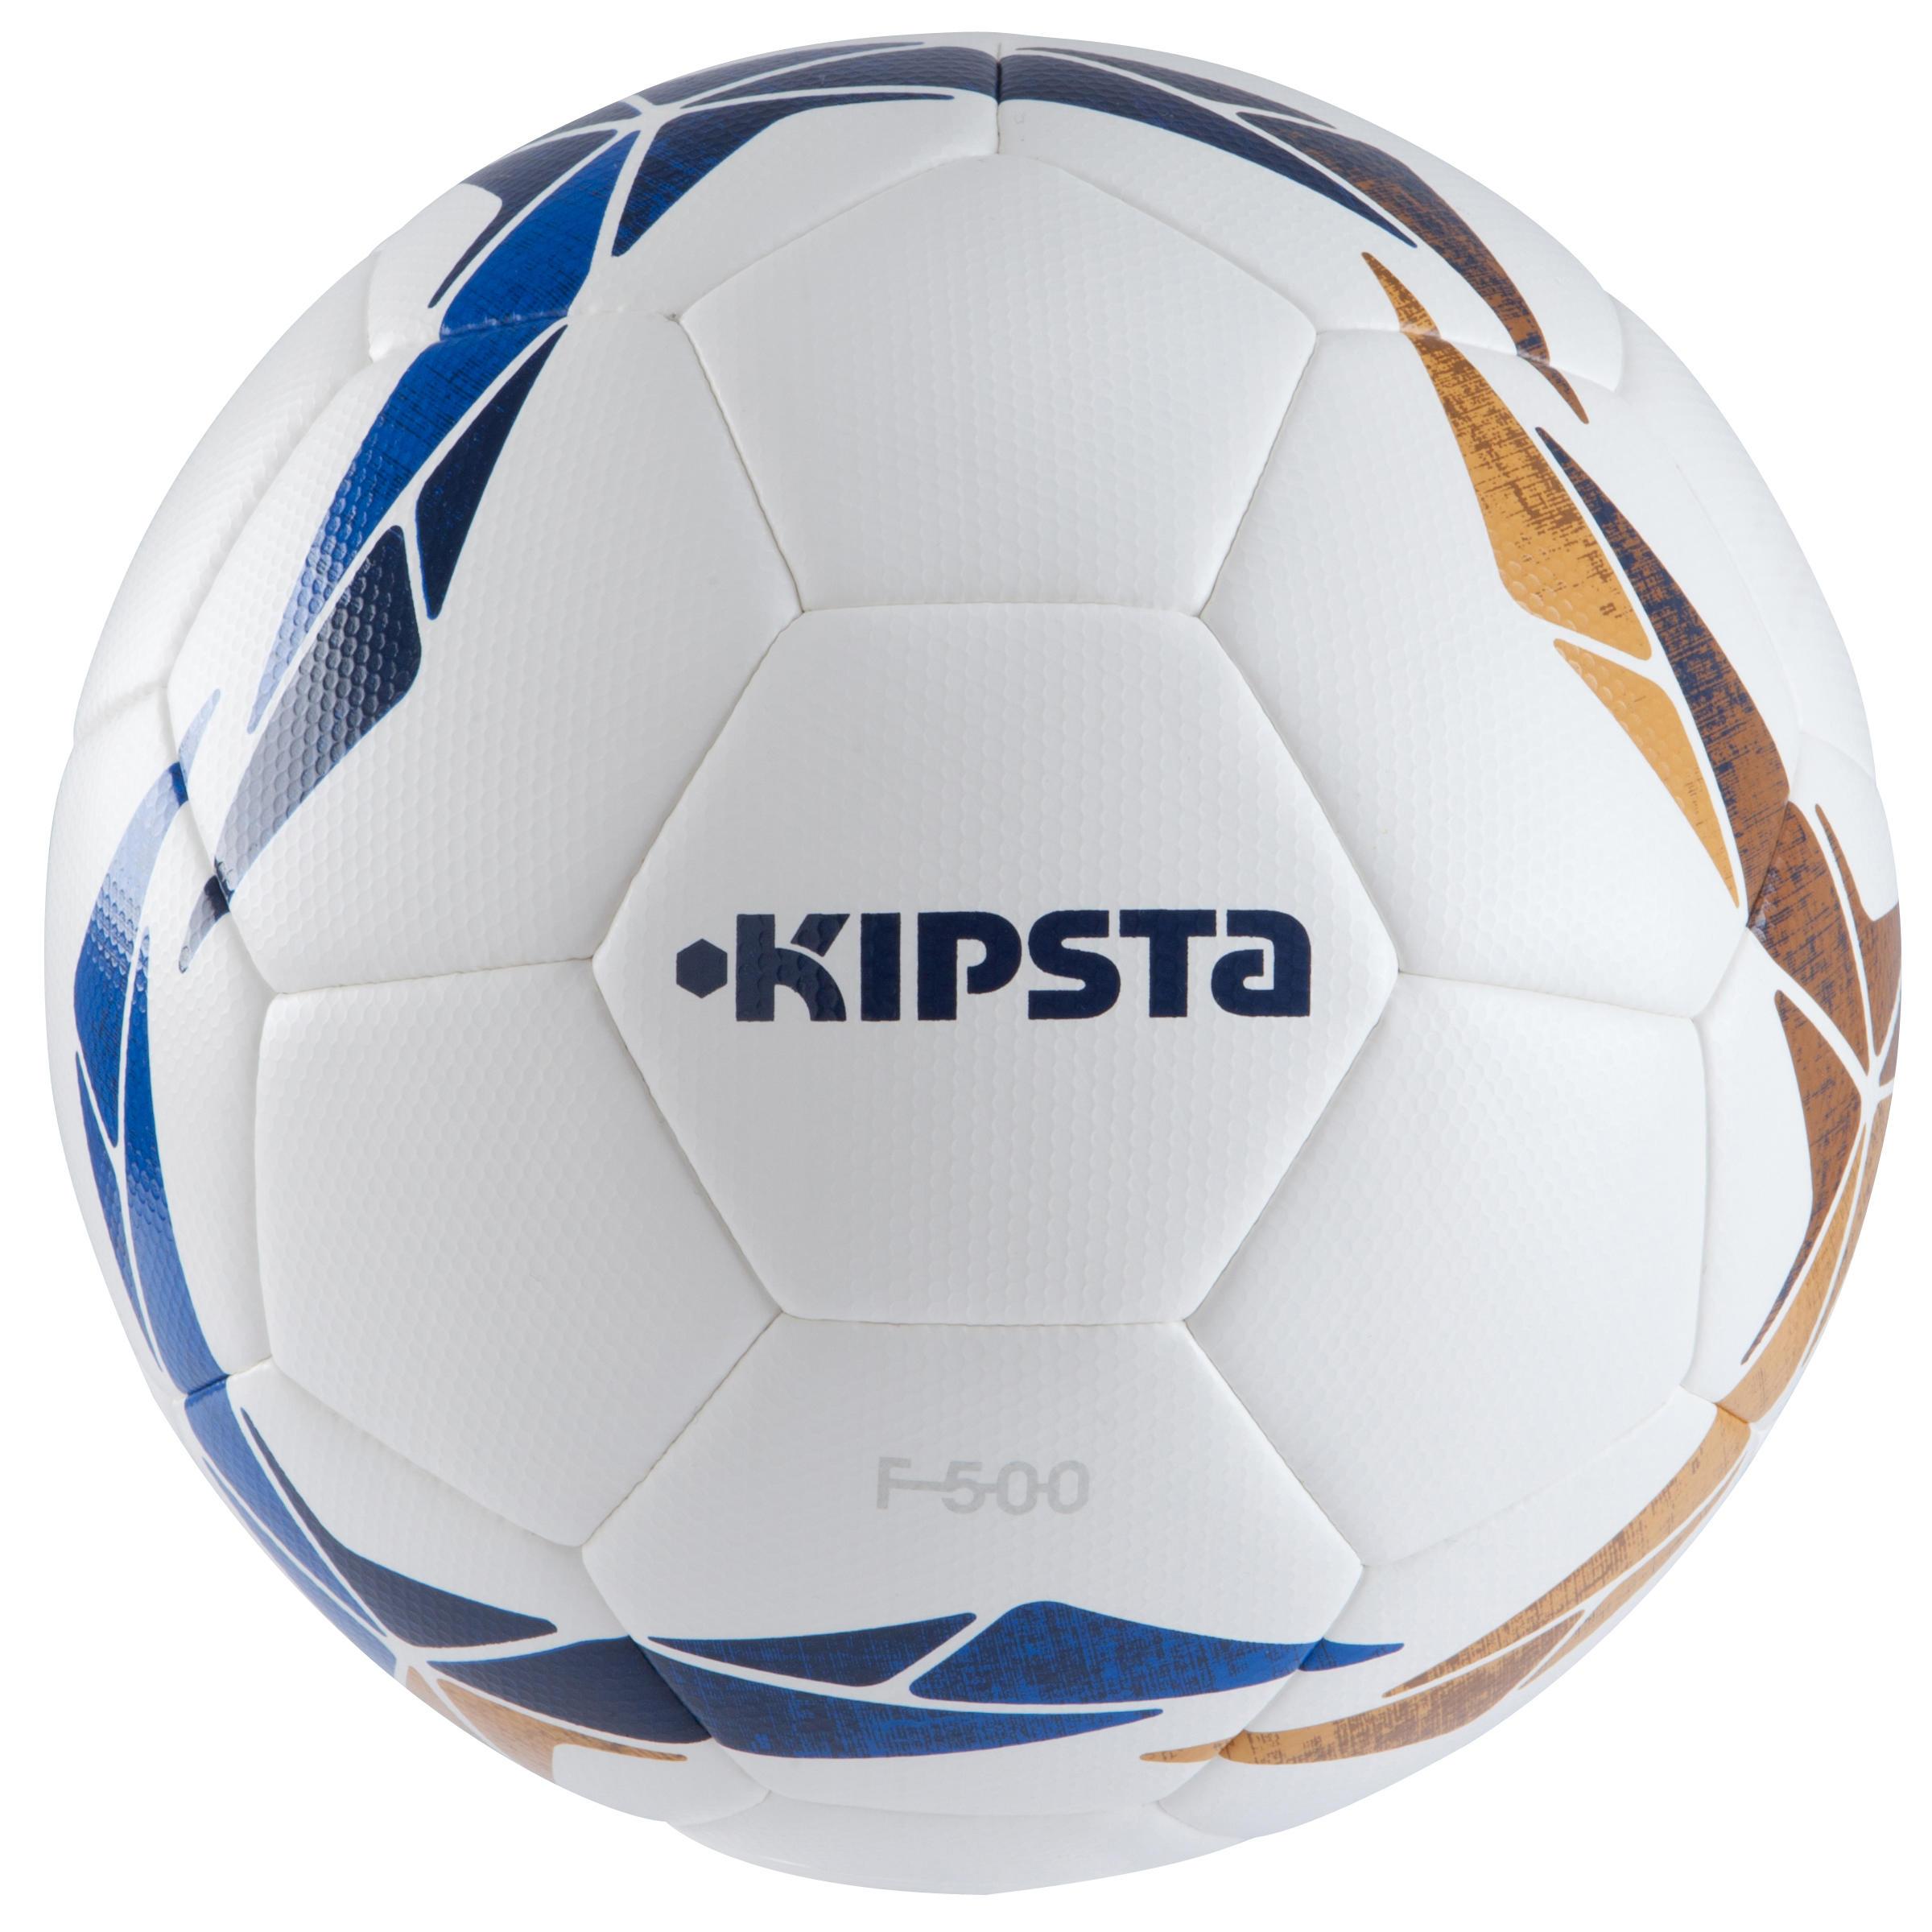 F500 Hybrid Size 5 Soccer Ball - White/Blue/Ochre